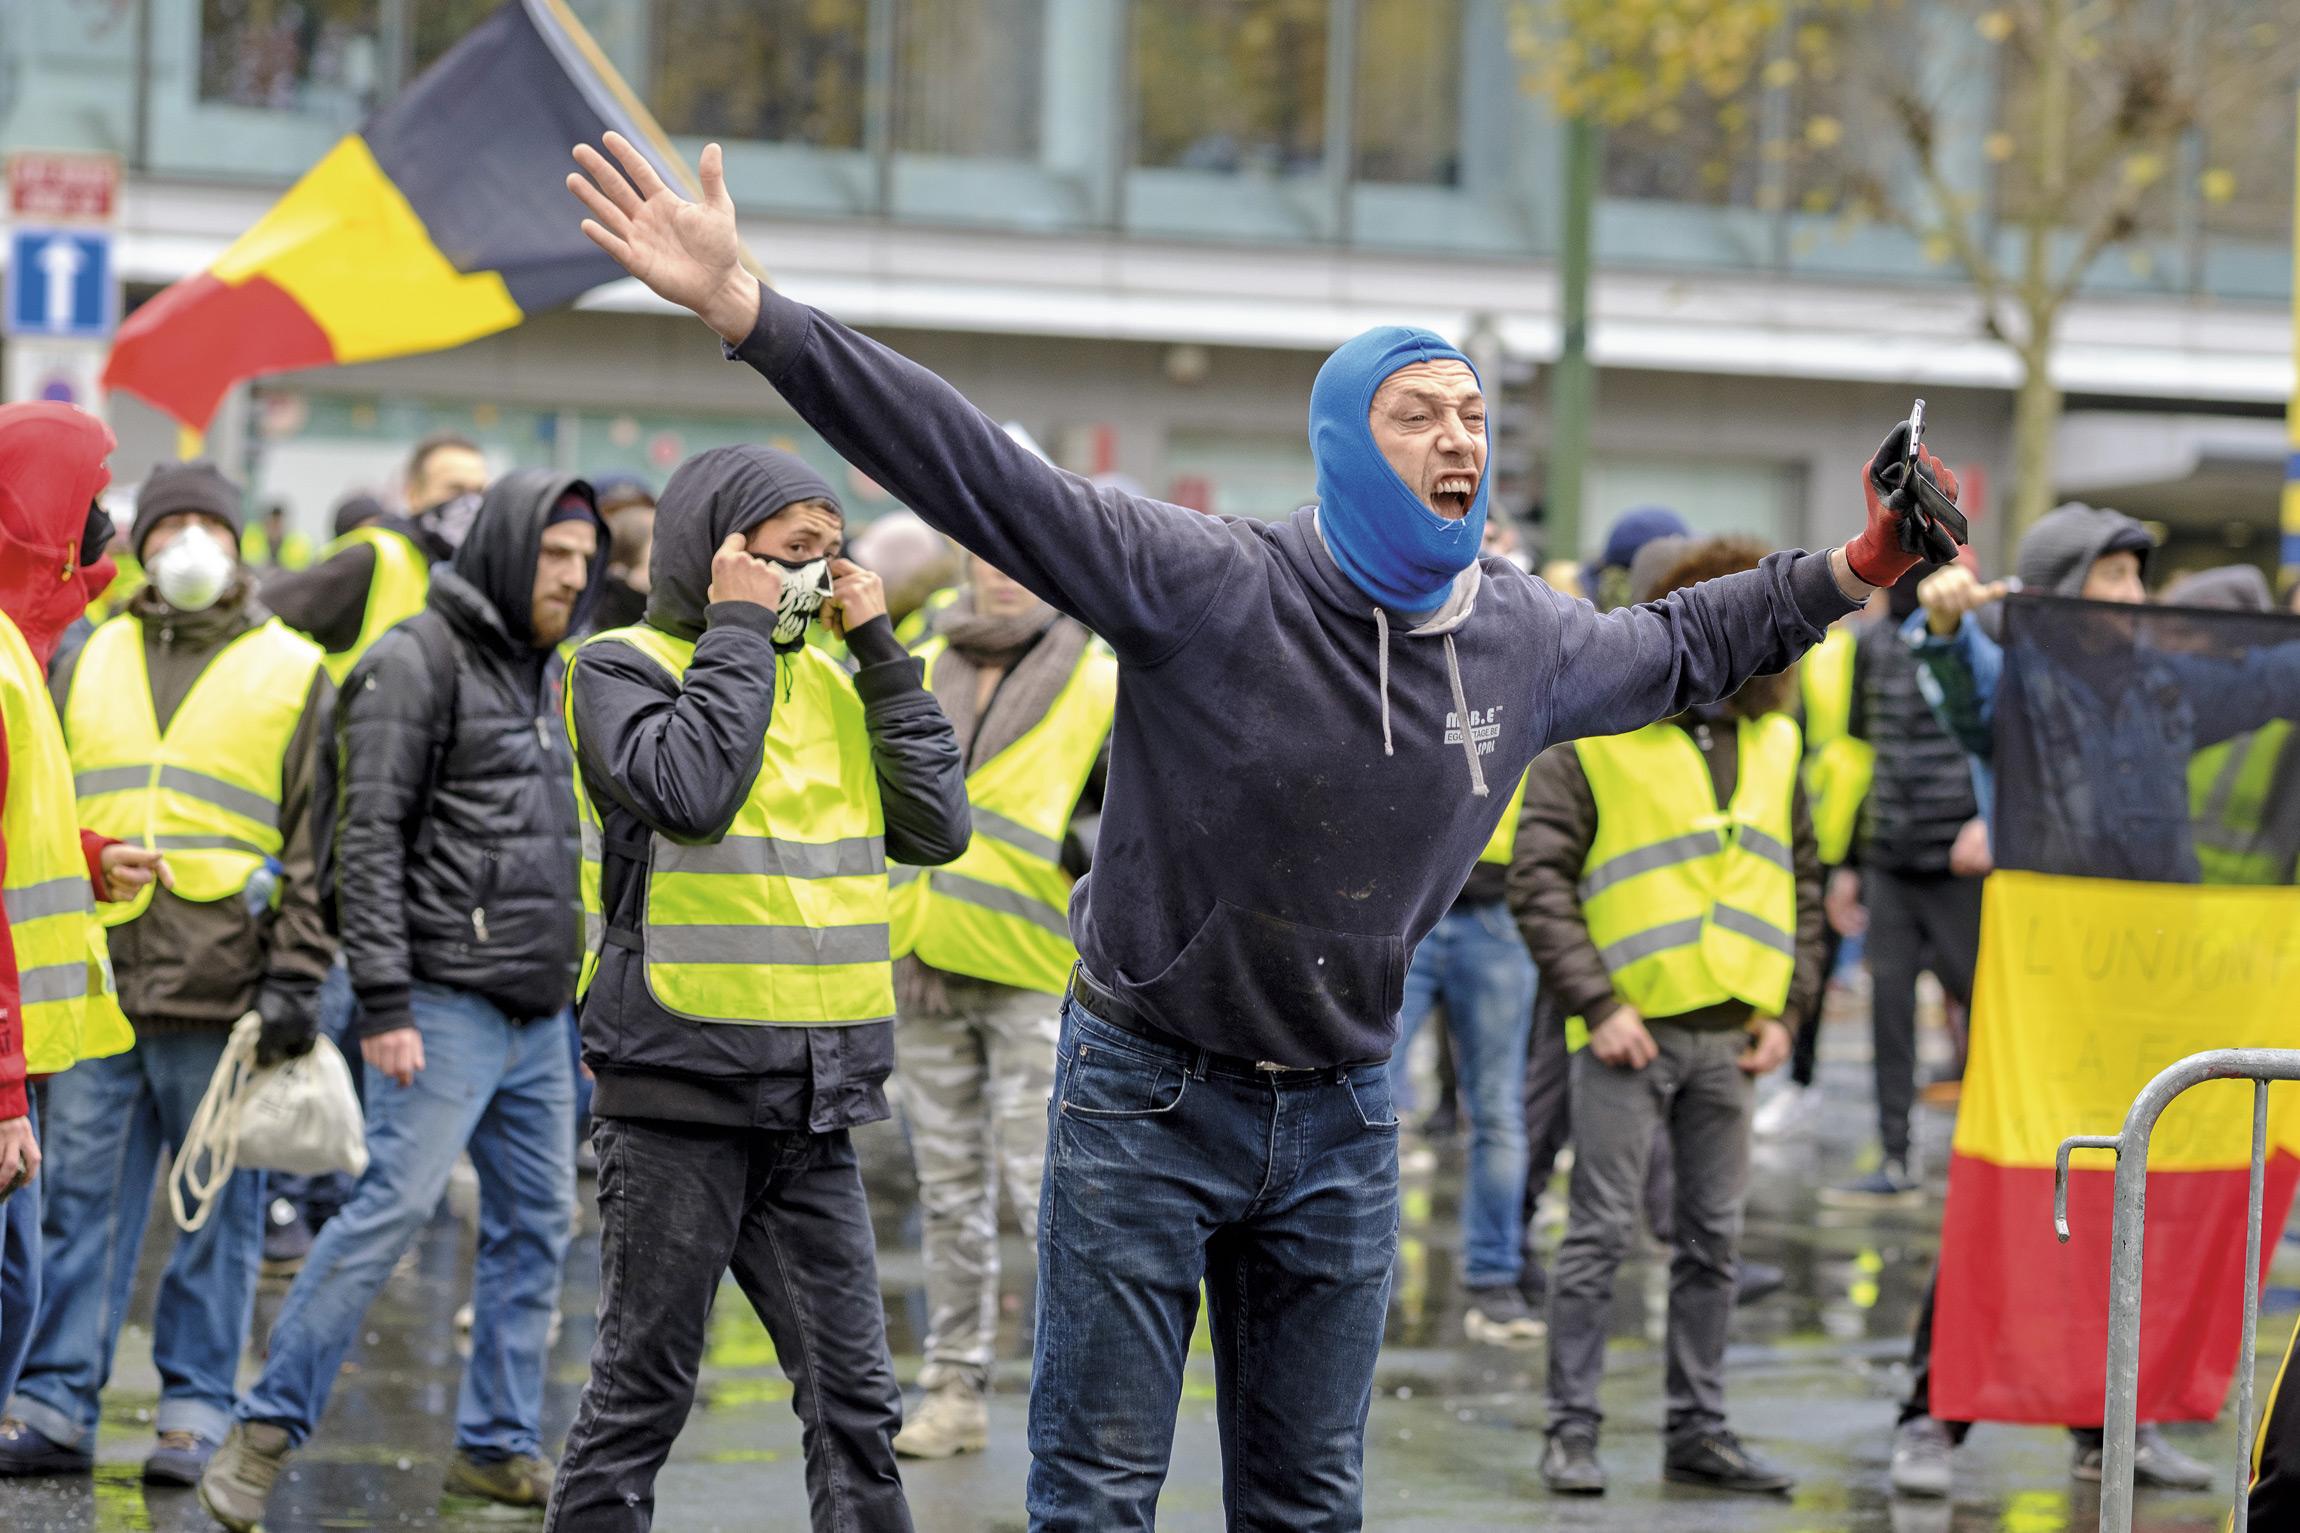 由法国蔓延至比利时的黄背心运动,正在给资本主义国家提出一个尖锐的问题:「不公平」有没有解药?图为比利时年轻人走上街头抗议油价和物价。